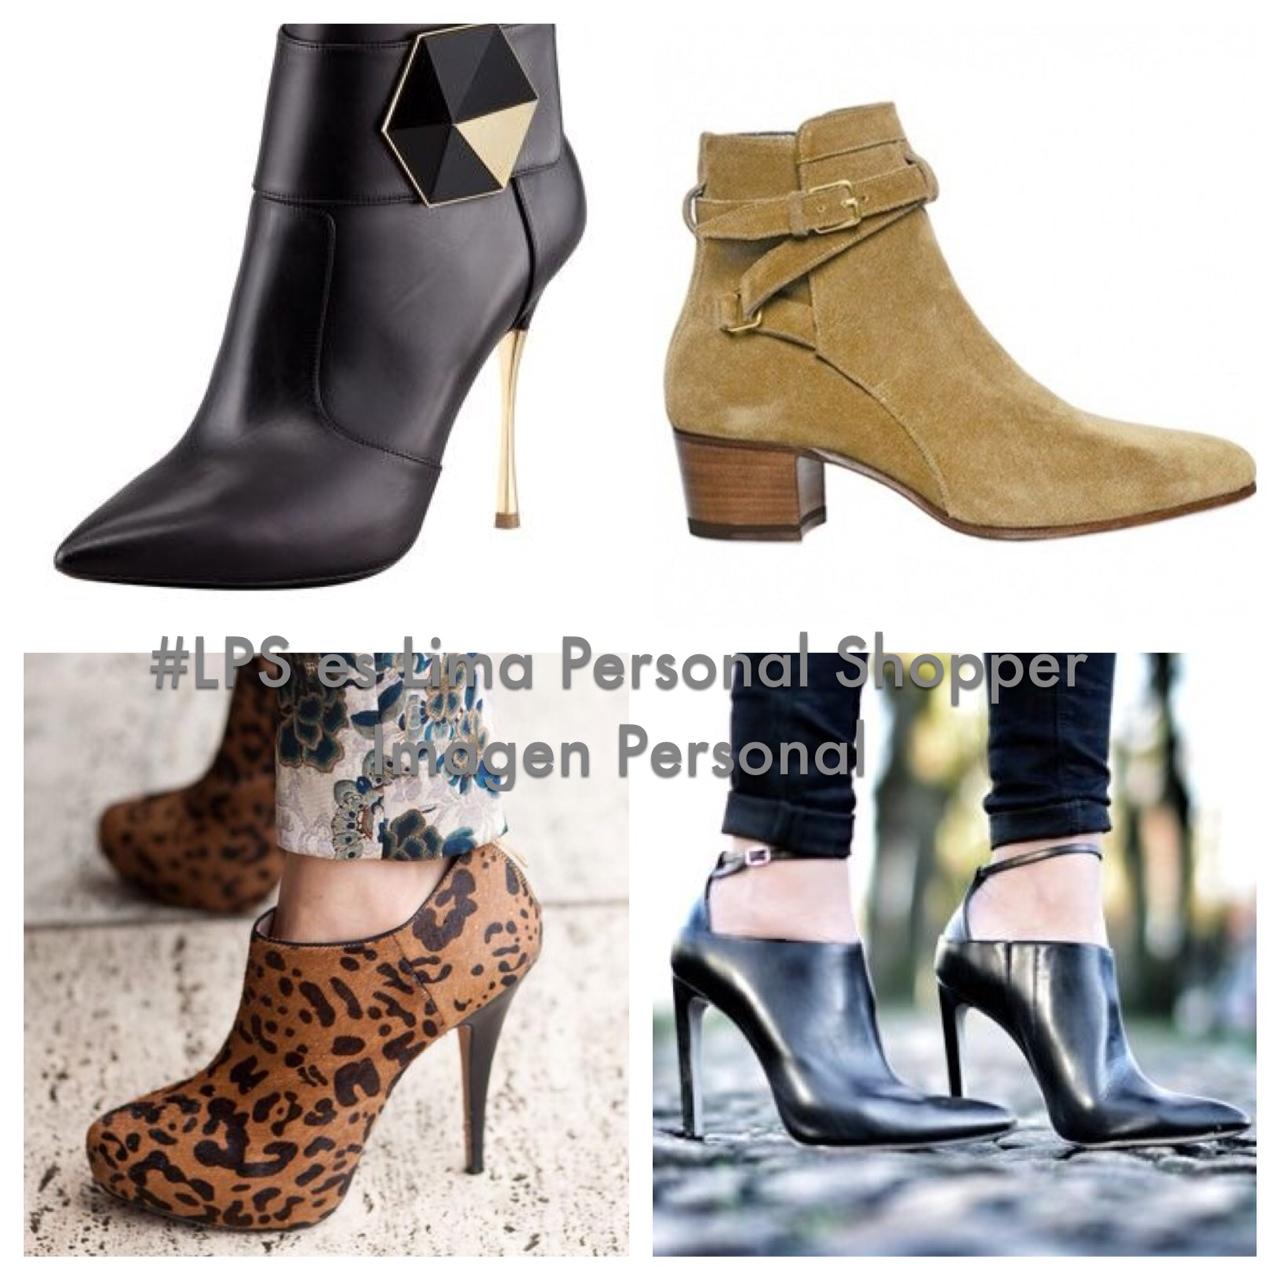 Lo que debes saber antes de comprarte el próximo par de zapatos ... ec27e14b9376